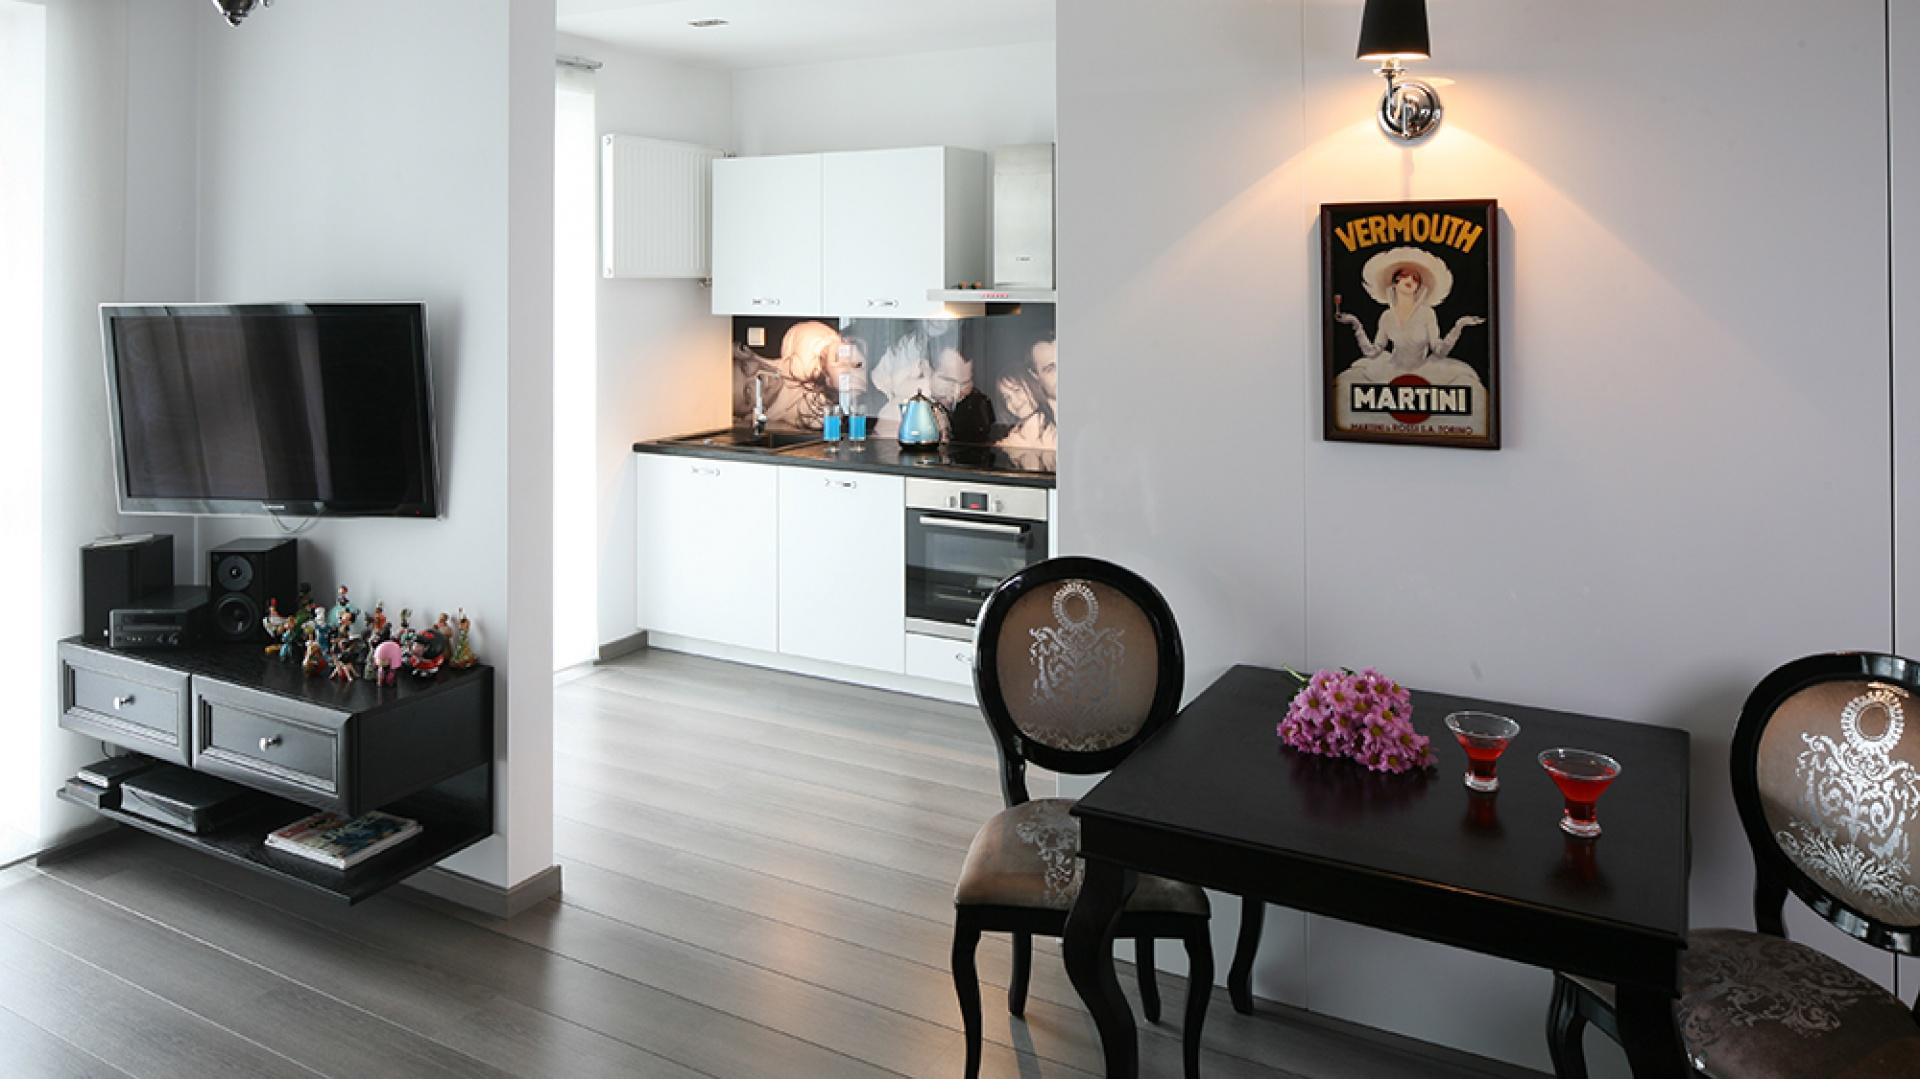 Kuchnia sąsiaduje z salonem, gdzie zaaranżowano również niewielką, ale stylową jadalnię. Jednolita podłoga (panele laminowane z oferty Vip Parkiet) we wszystkich pomieszczeniach podkreśla otwarty charakter strefy dziennej. Fot. Bartosz Jarosz.